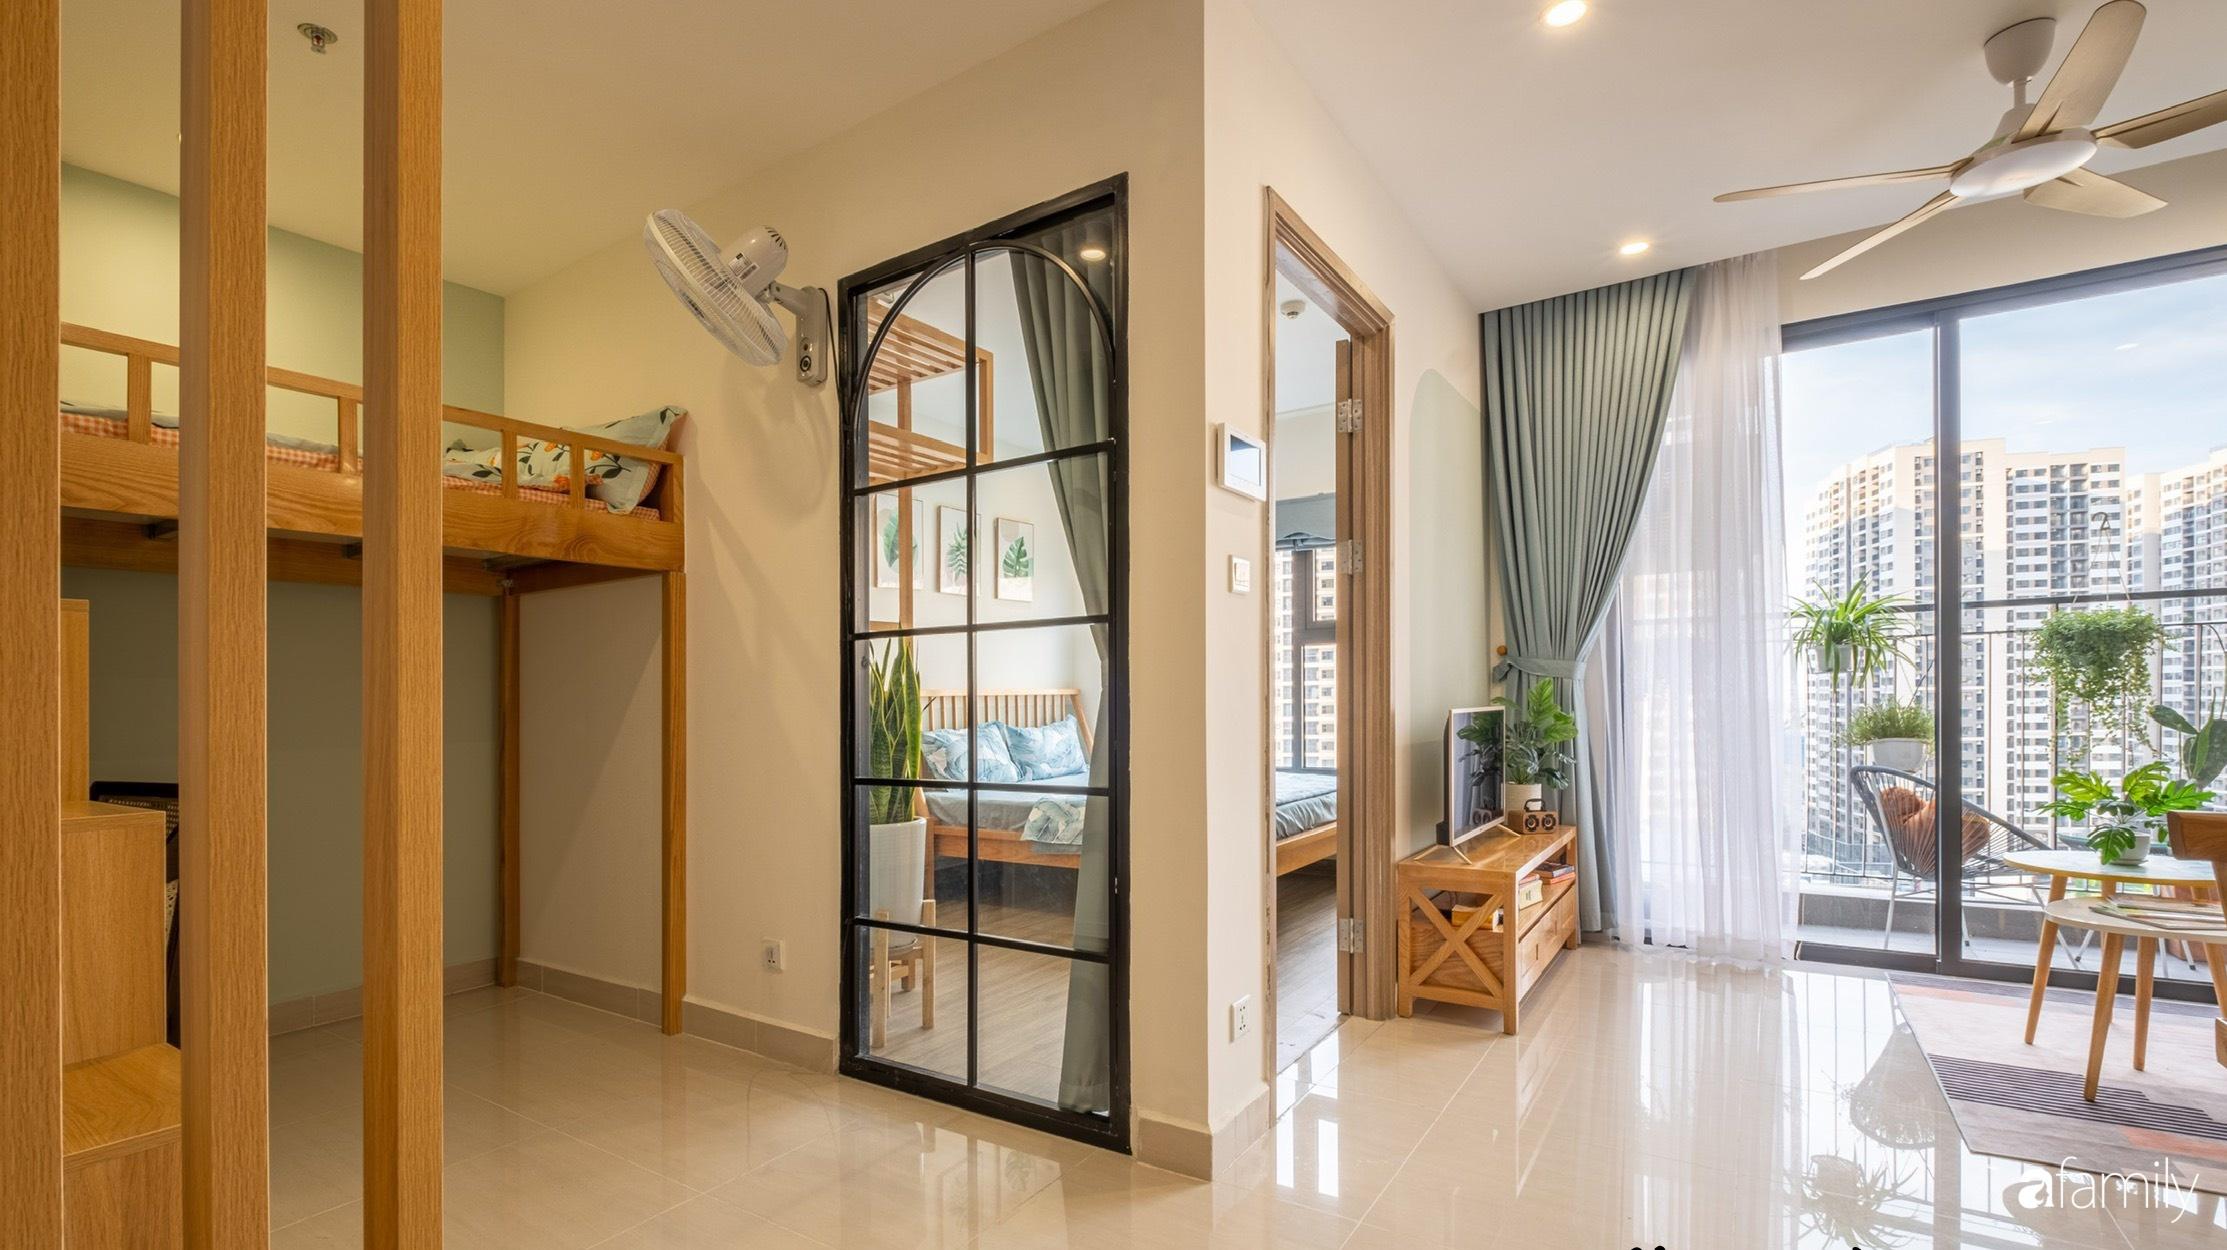 Căn hộ 40m² ở ngoại thành Hà Nội khiến ai ngắm nhìn cũng xuýt xoa vì đẹp có chi phí hoàn thiện 70 triệu đồng - Ảnh 12.